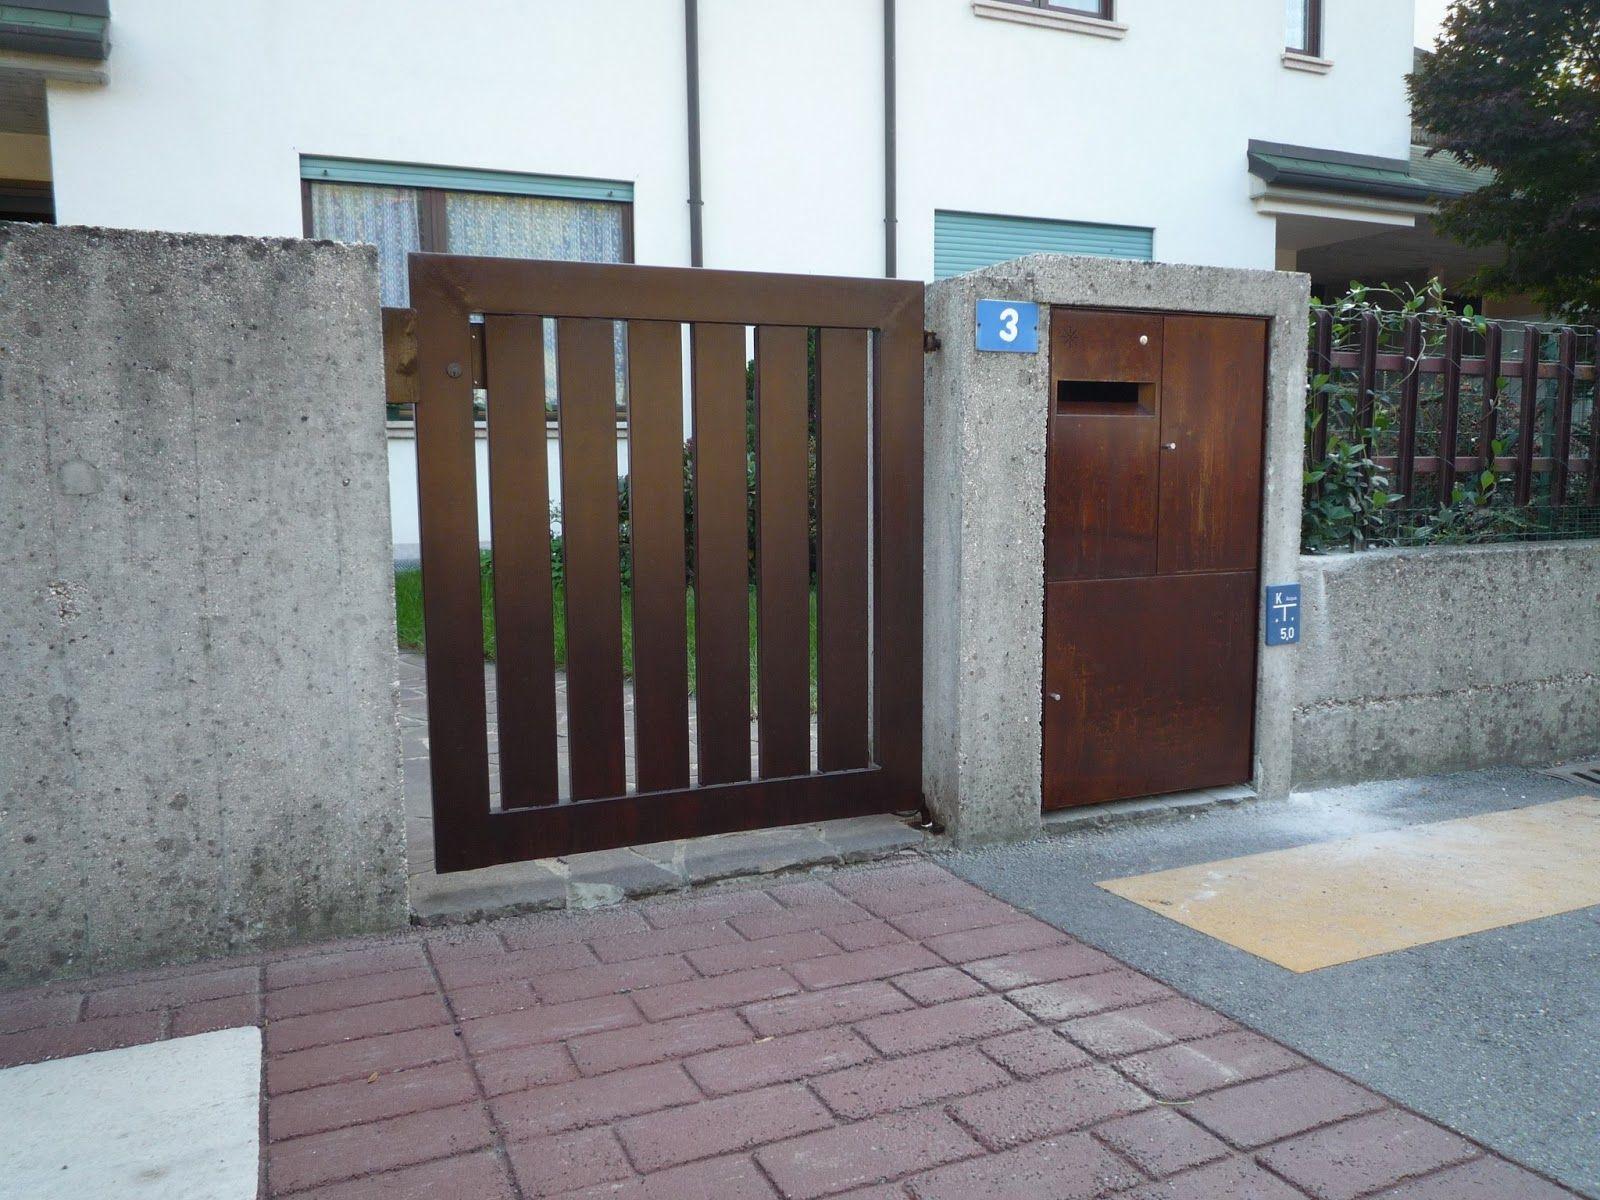 Cancello Esterno Moderno : Cancelli moderni: cancelli da esterno cancelli moderni cancelli